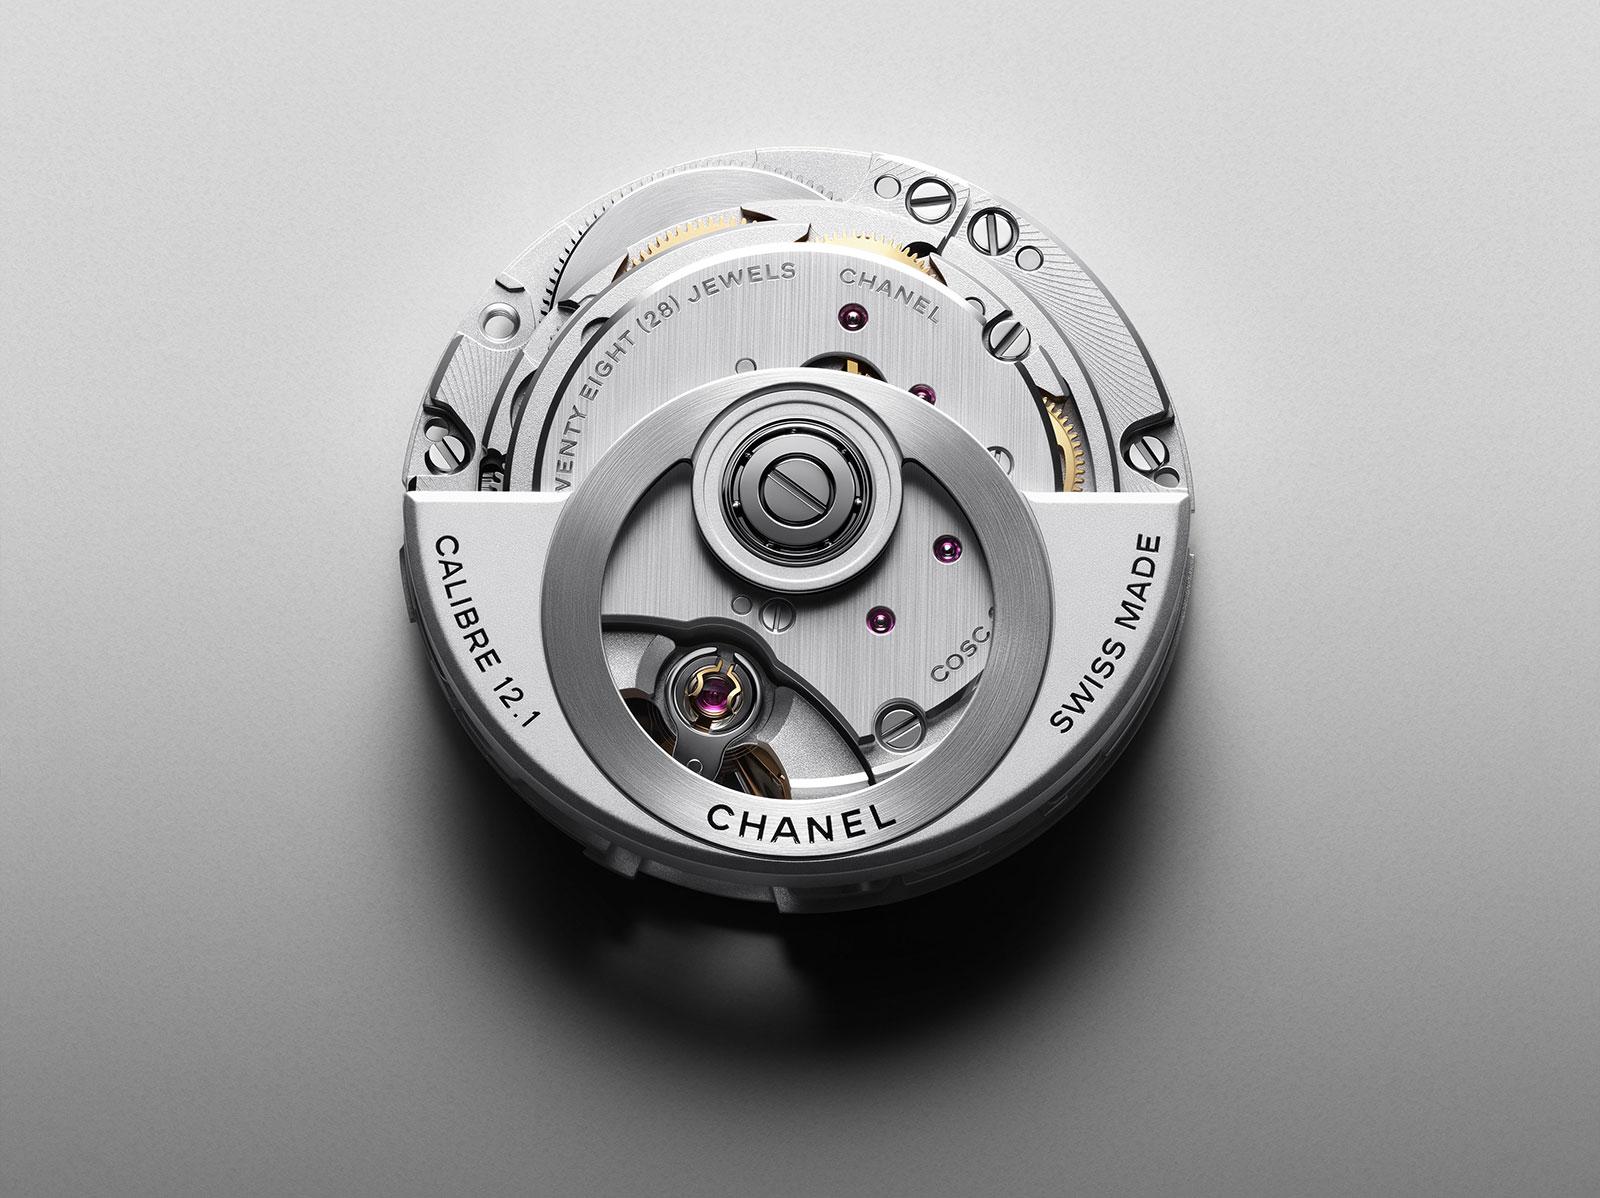 Chanel J12 calibre 12.1 Kenissi 1